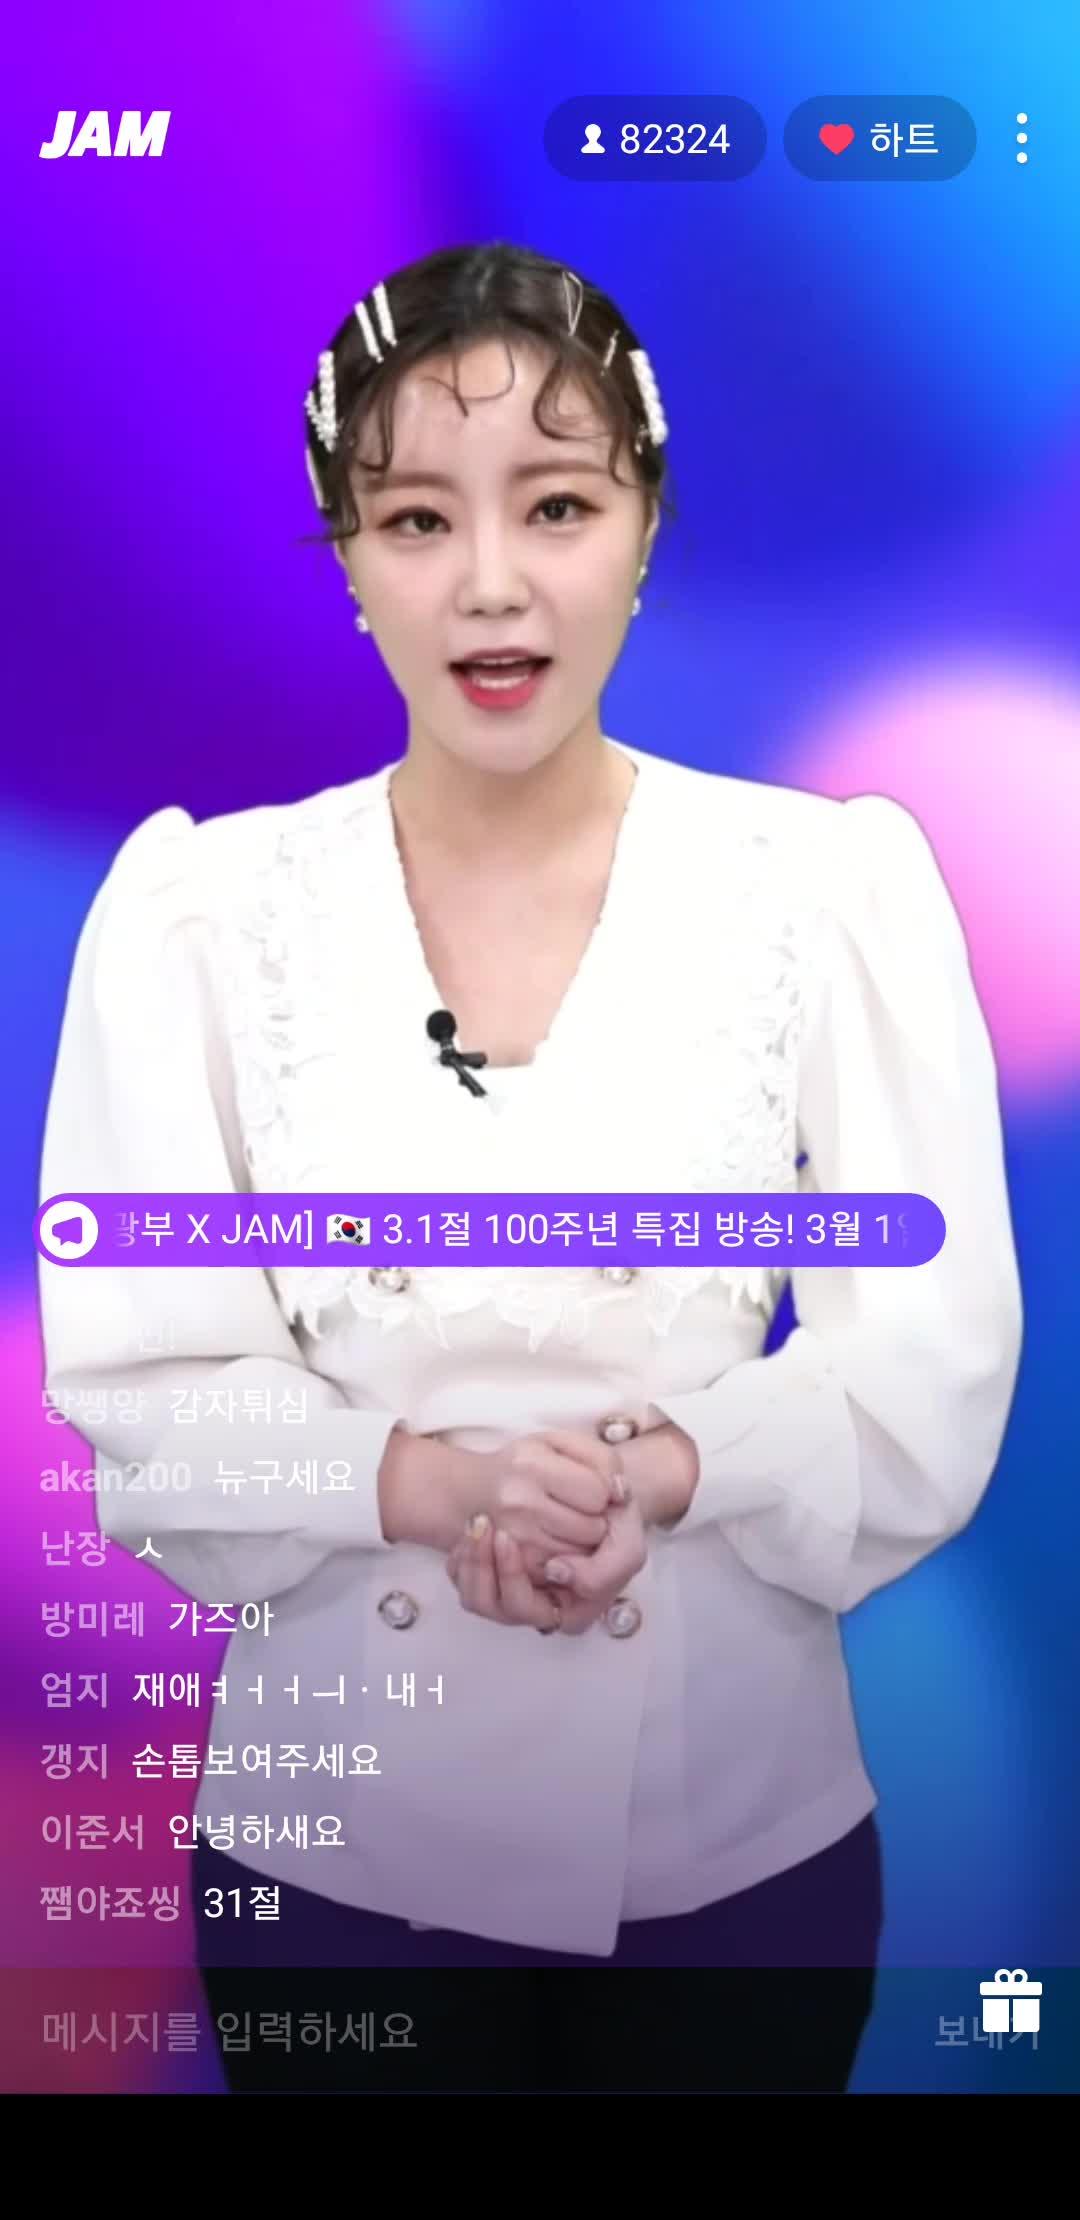 19.02.28 잼라이브 잼송이 허송연